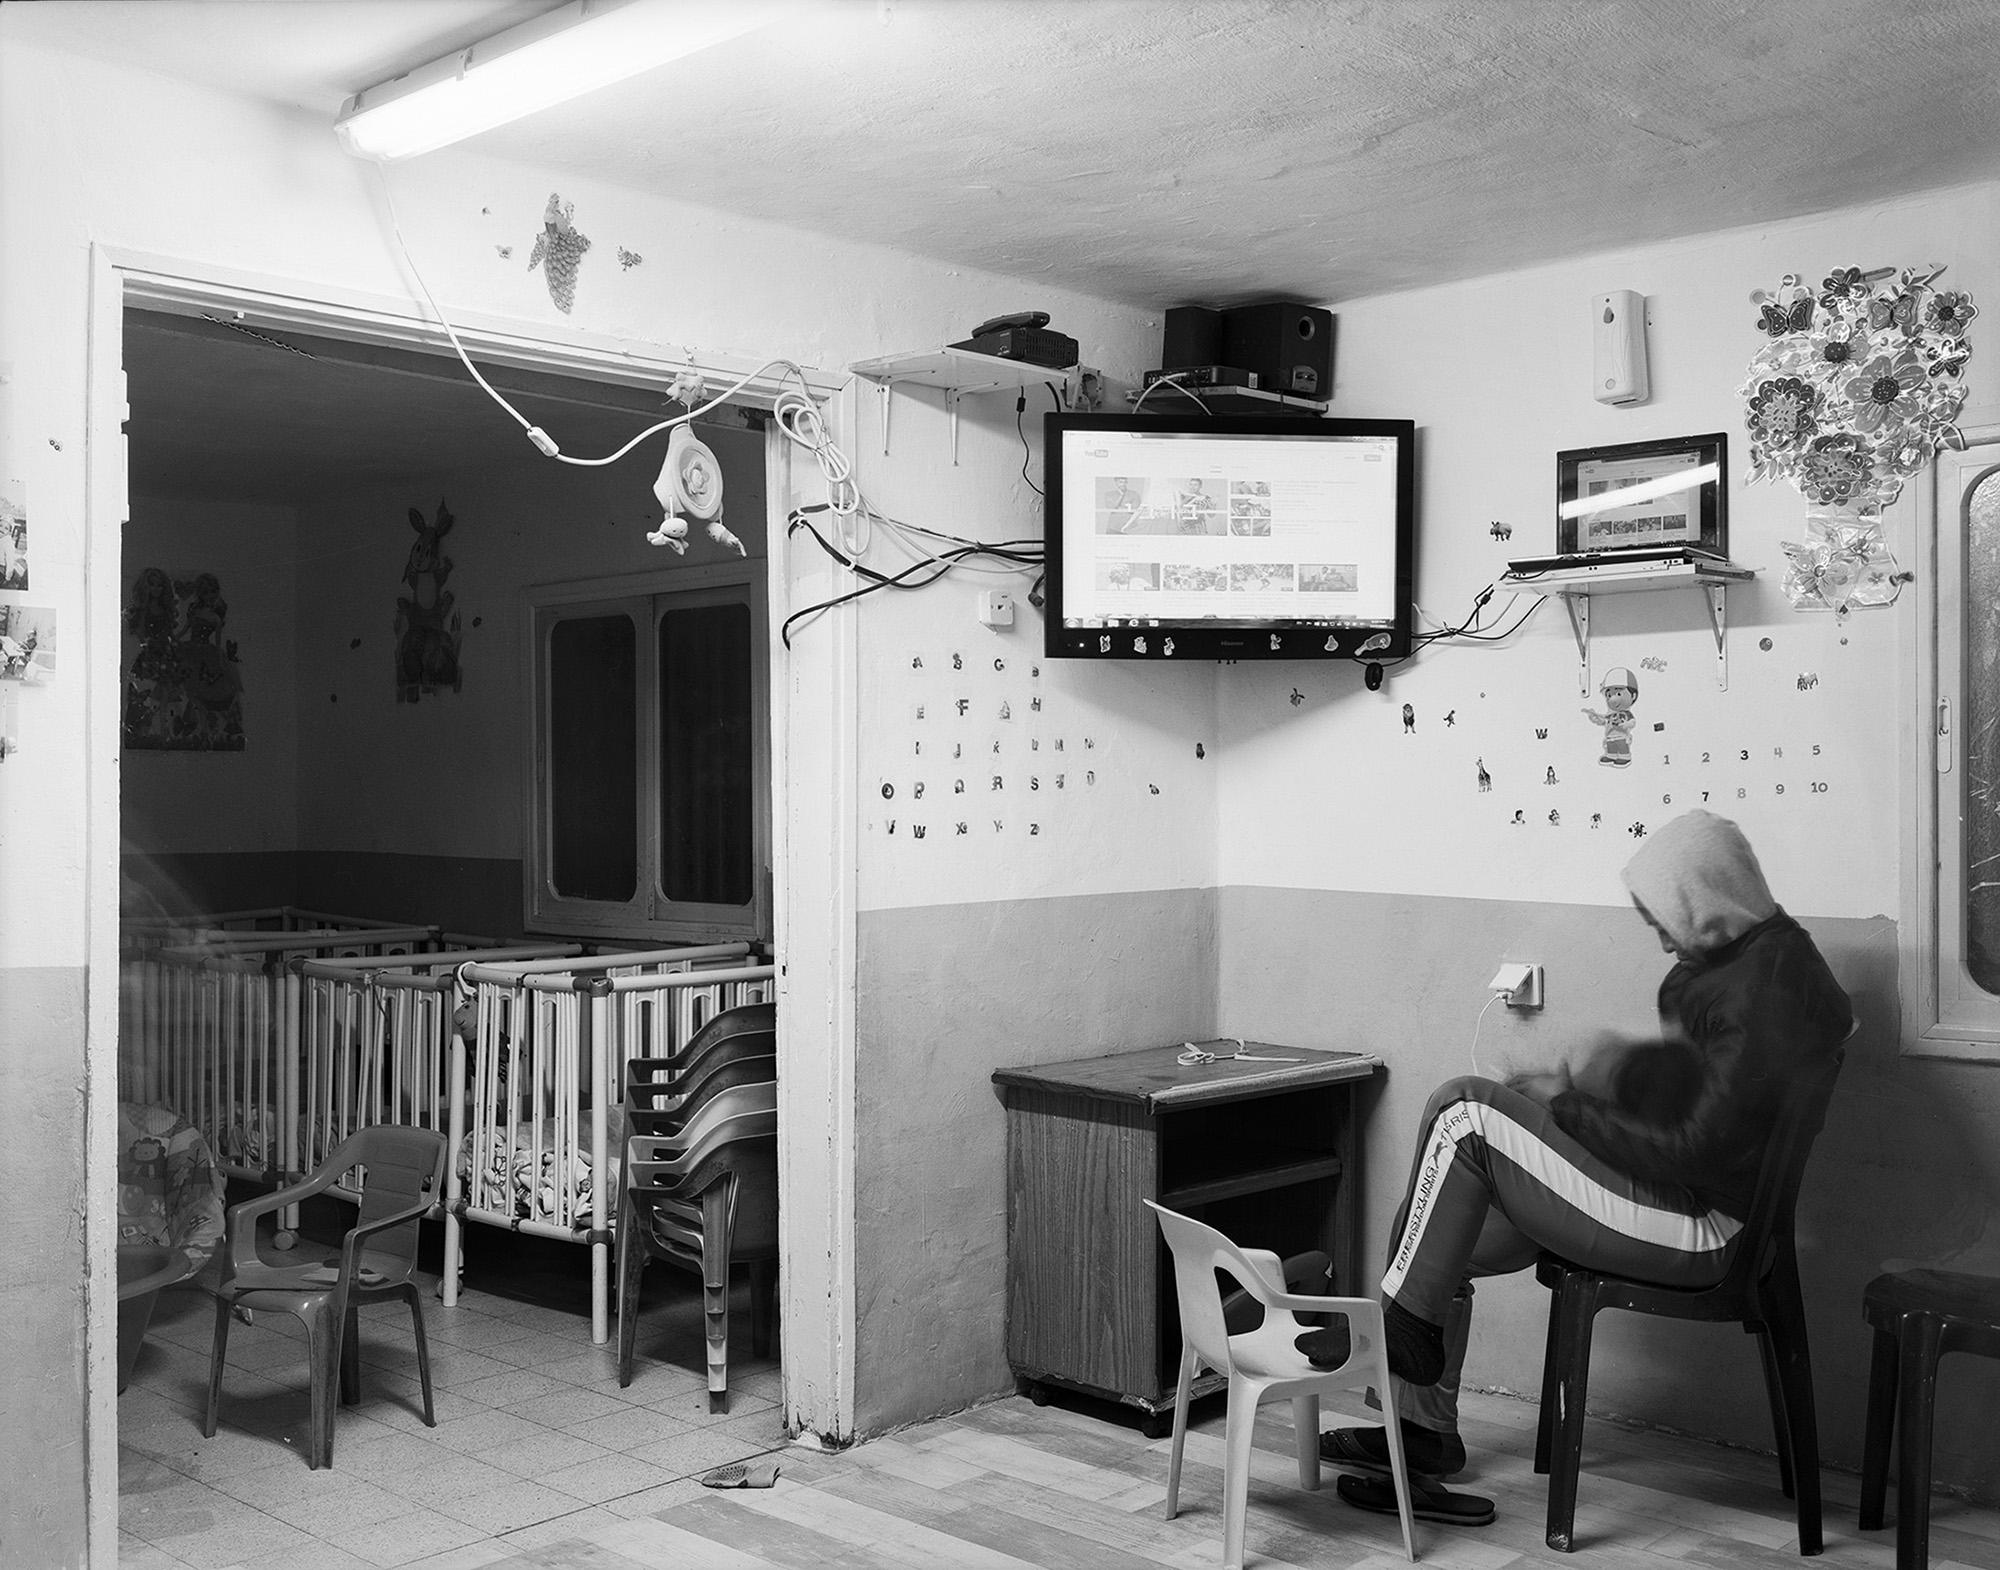 G. living room (Nighttime). Neve Sha'anan. Tel Aviv 2015